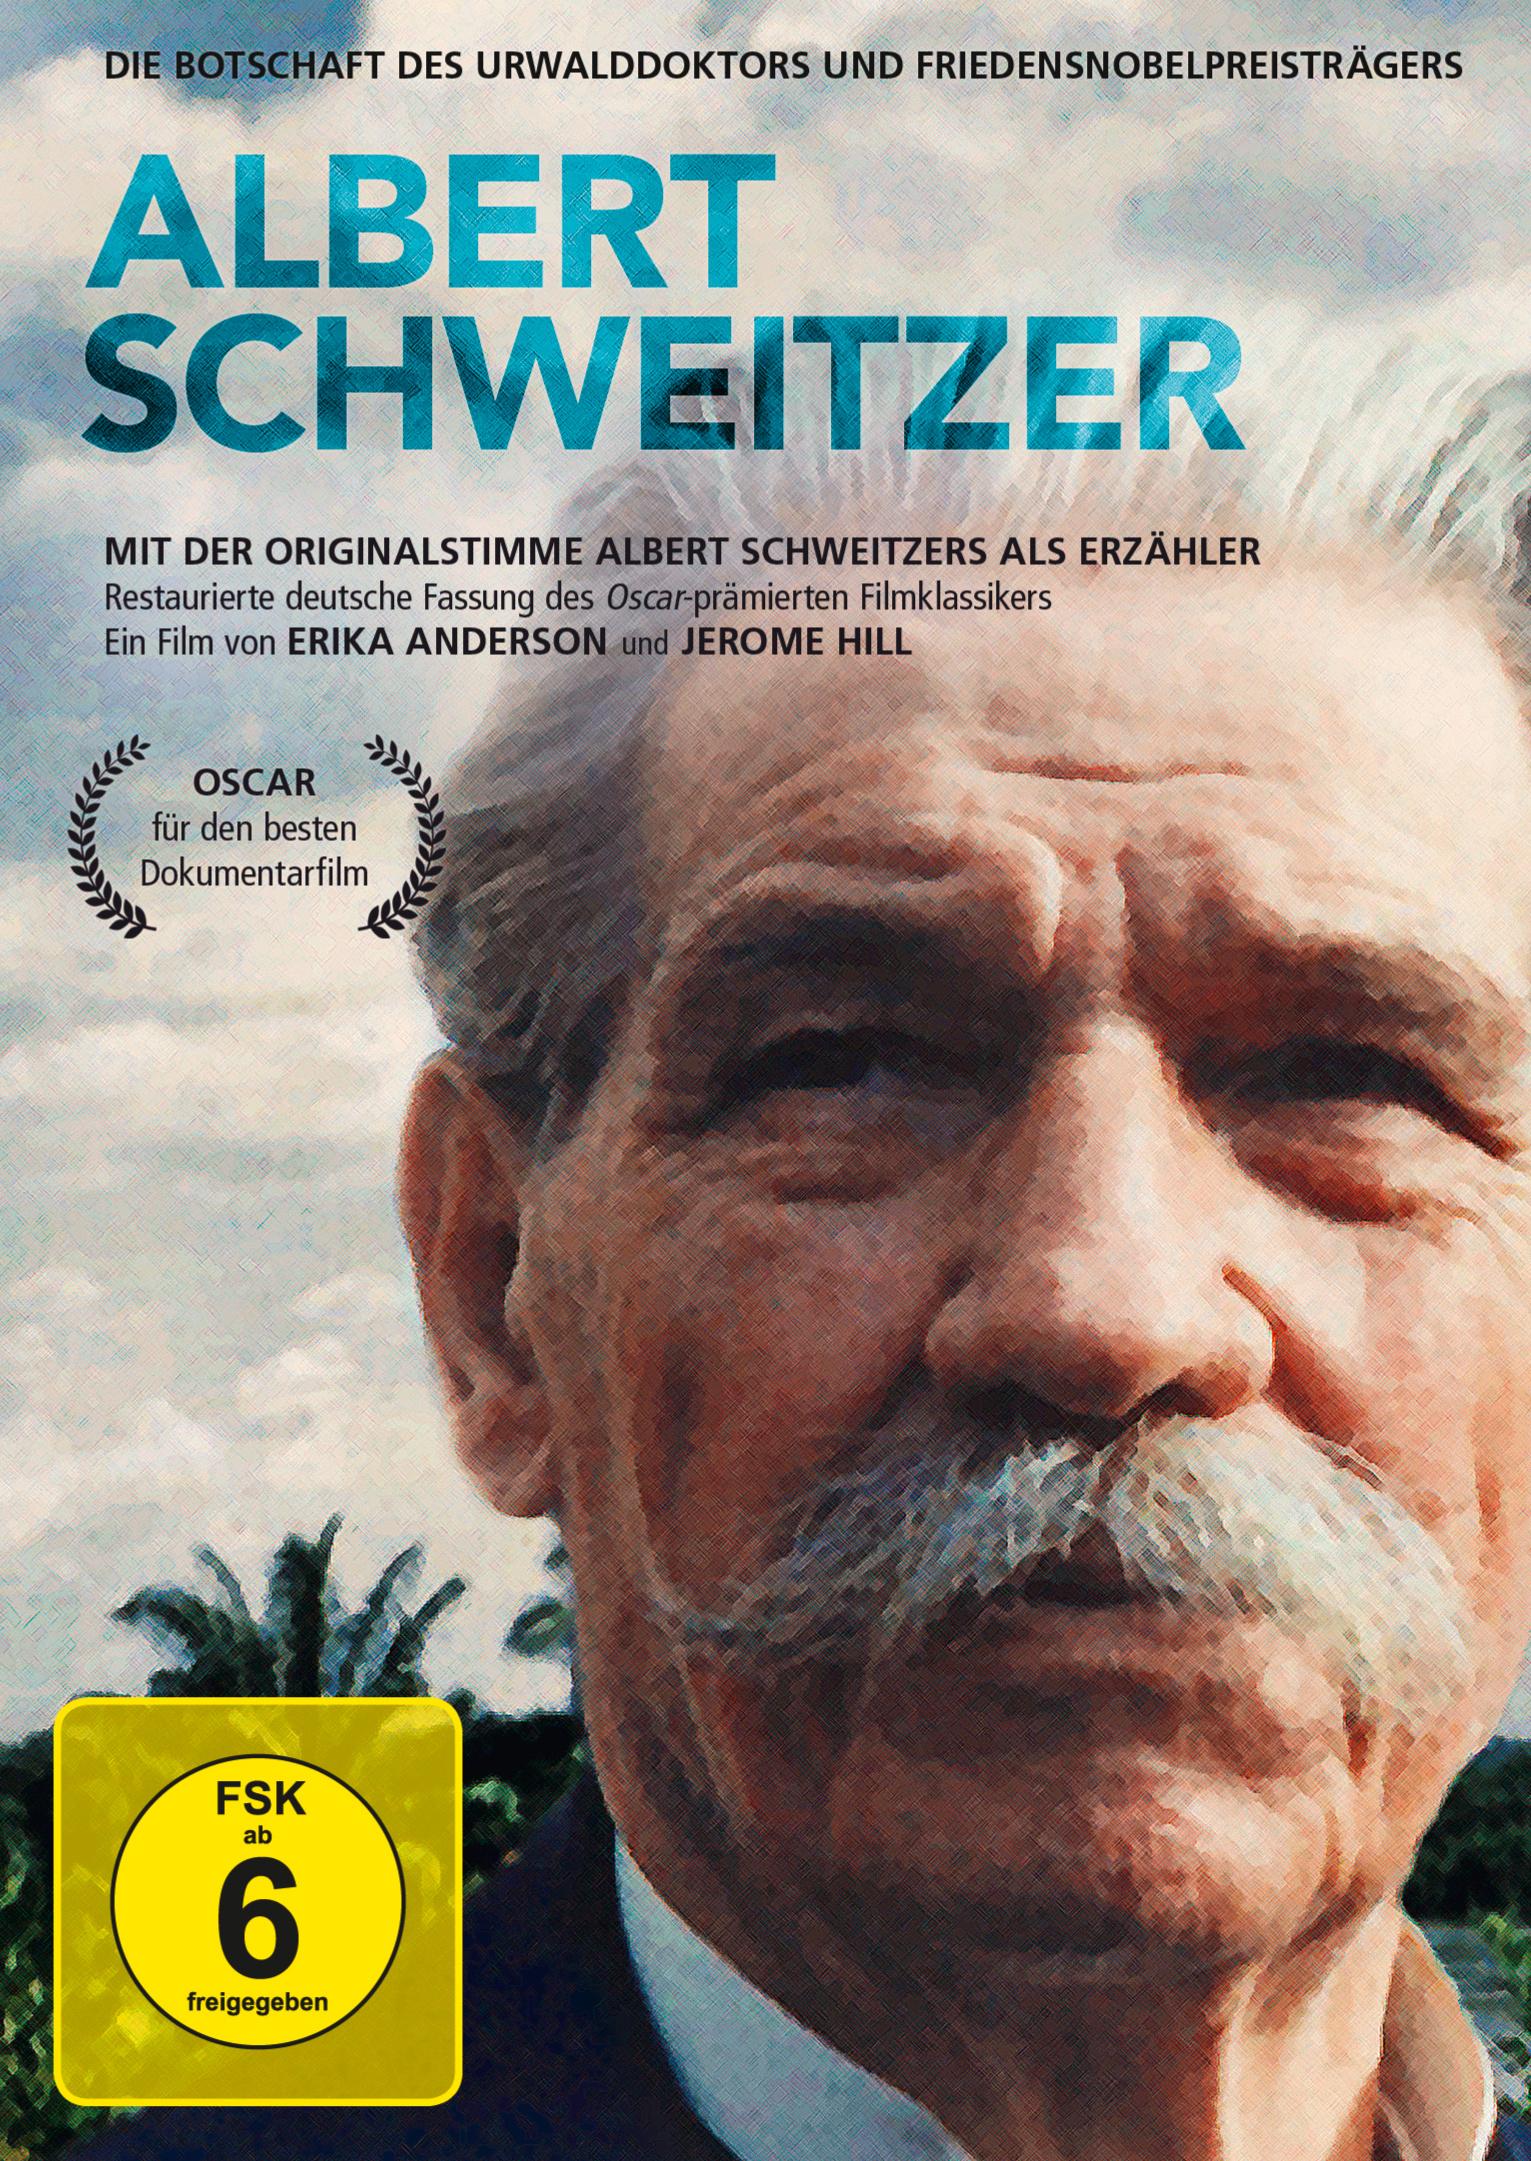 Image of Albert Schweitzer